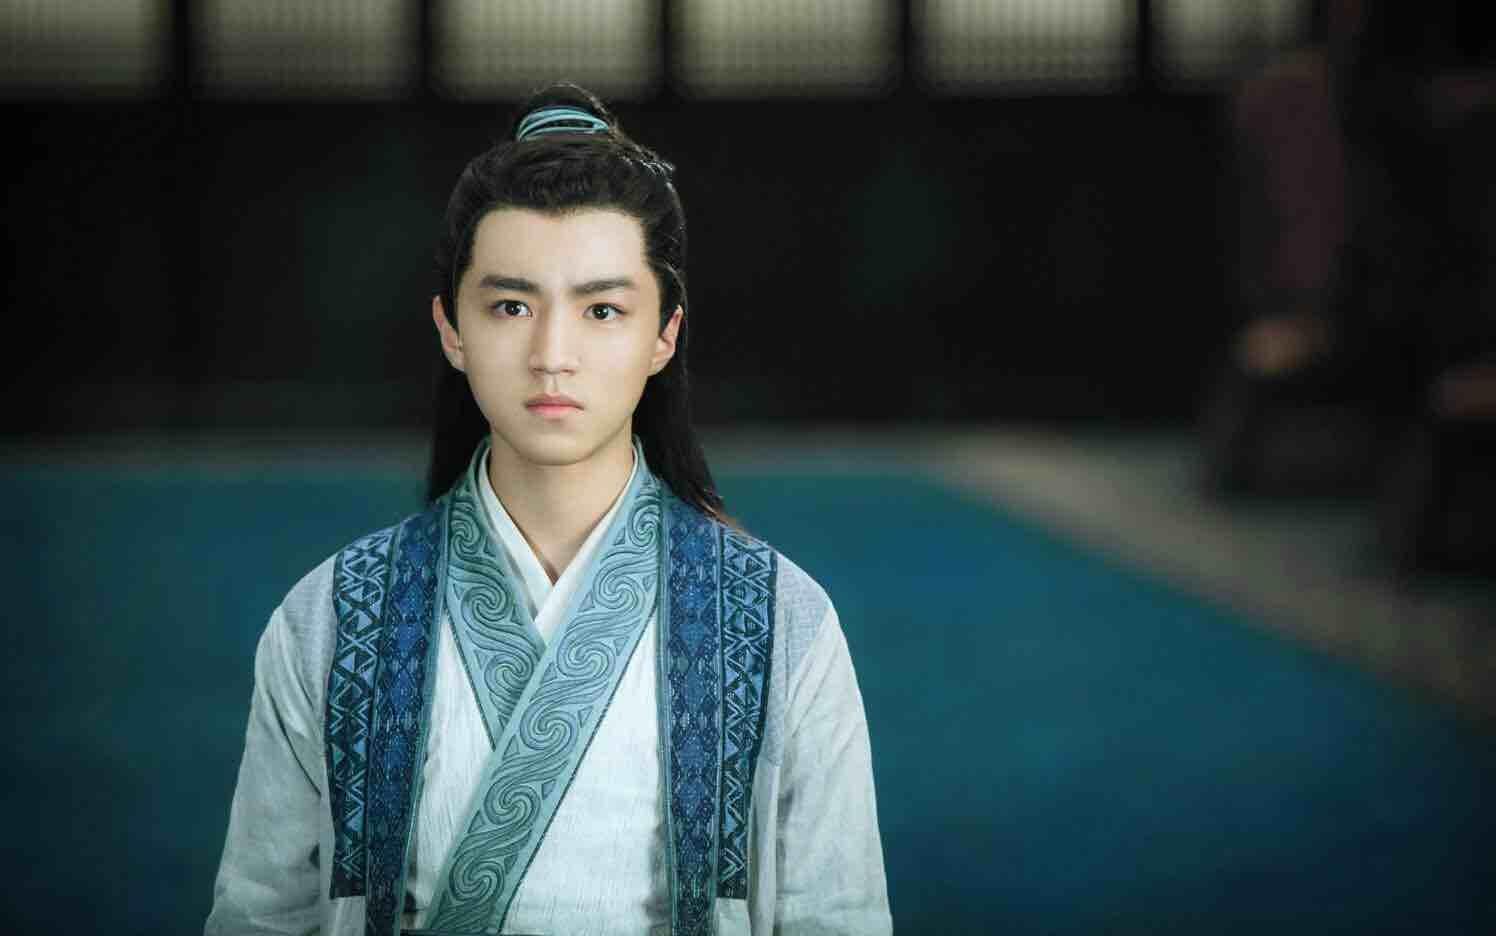 [消息]王俊凯-超少年密码-诛仙.青云志-生活照